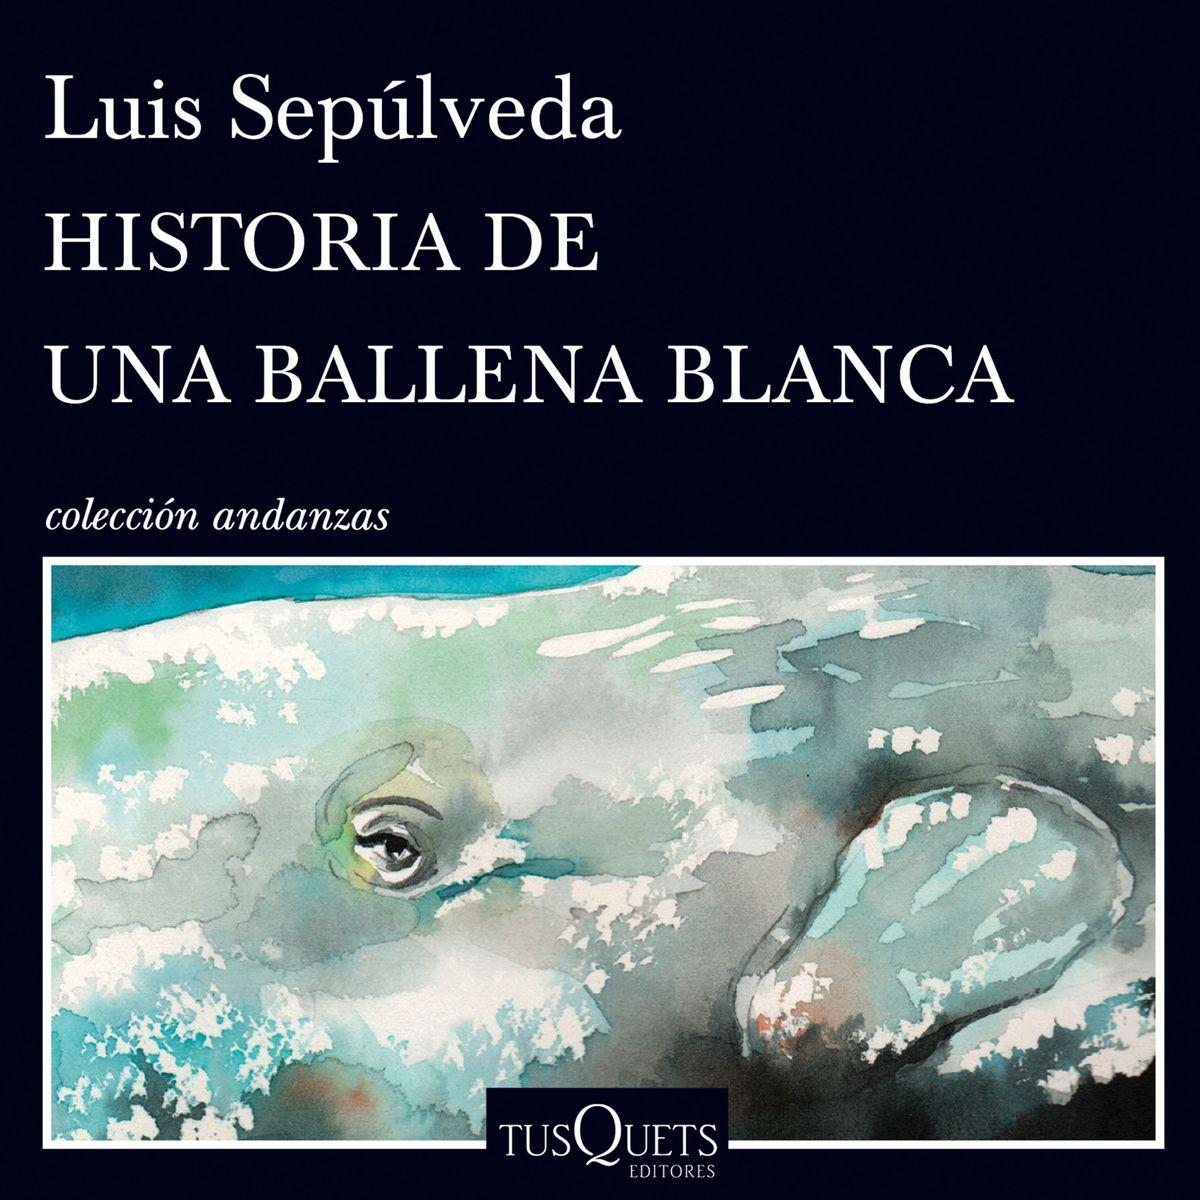 Historia de una ballena blanca, de Luís Sepúlveda